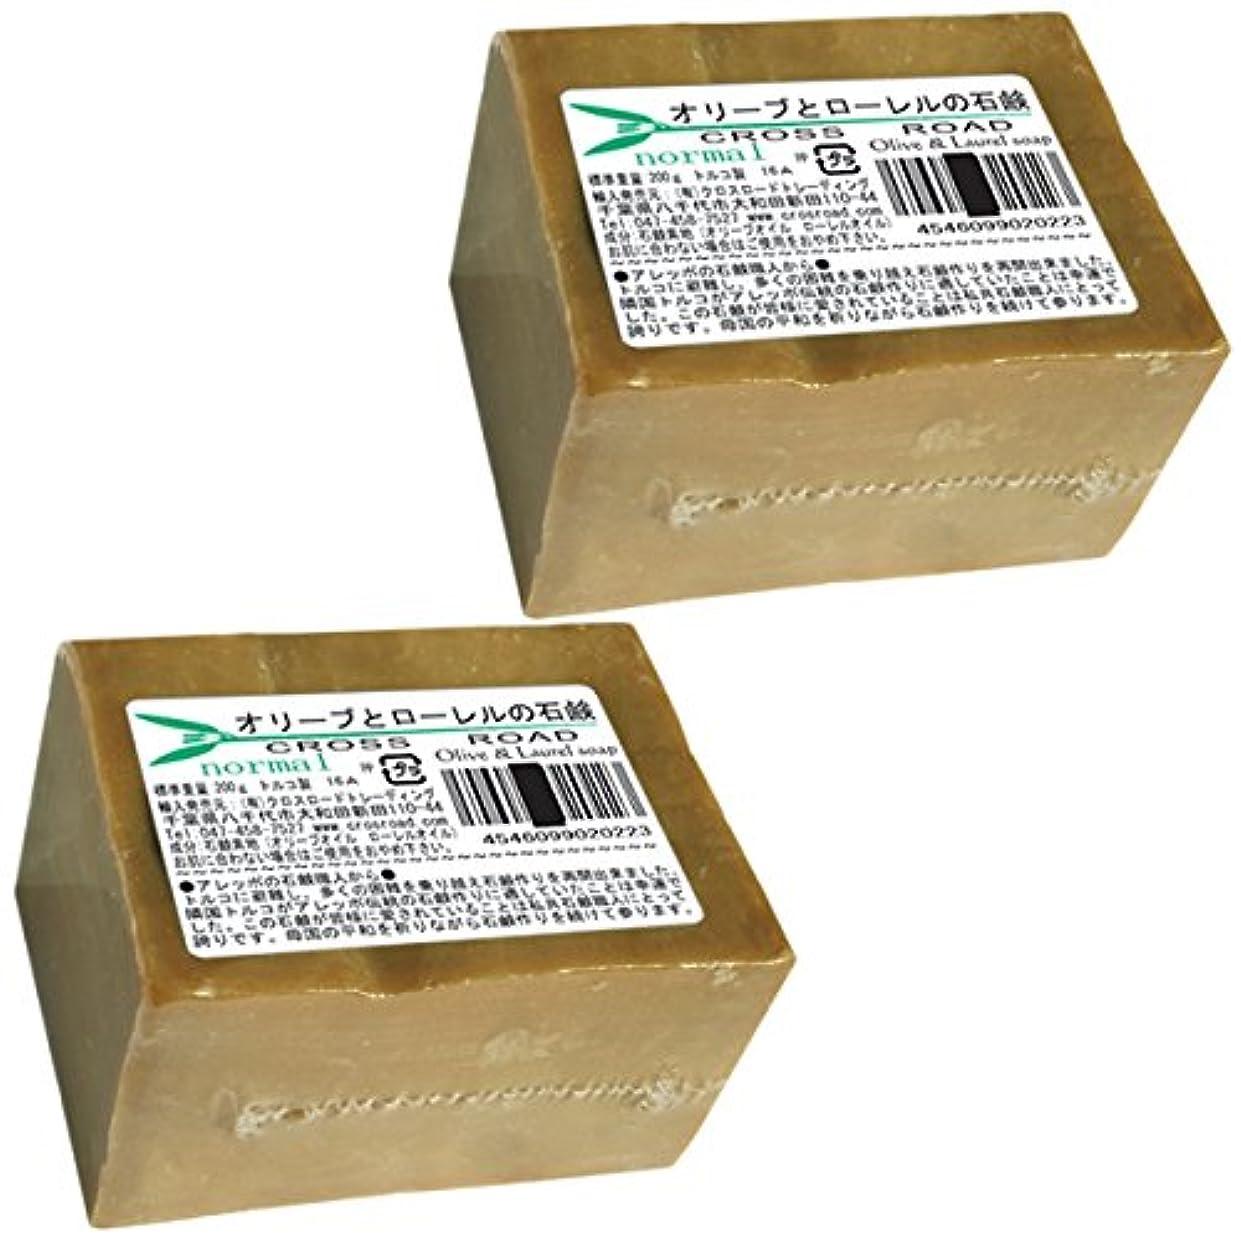 郵便番号瞑想する個性オリーブとローレルの石鹸(ノーマル)2個セット[並行輸入品]